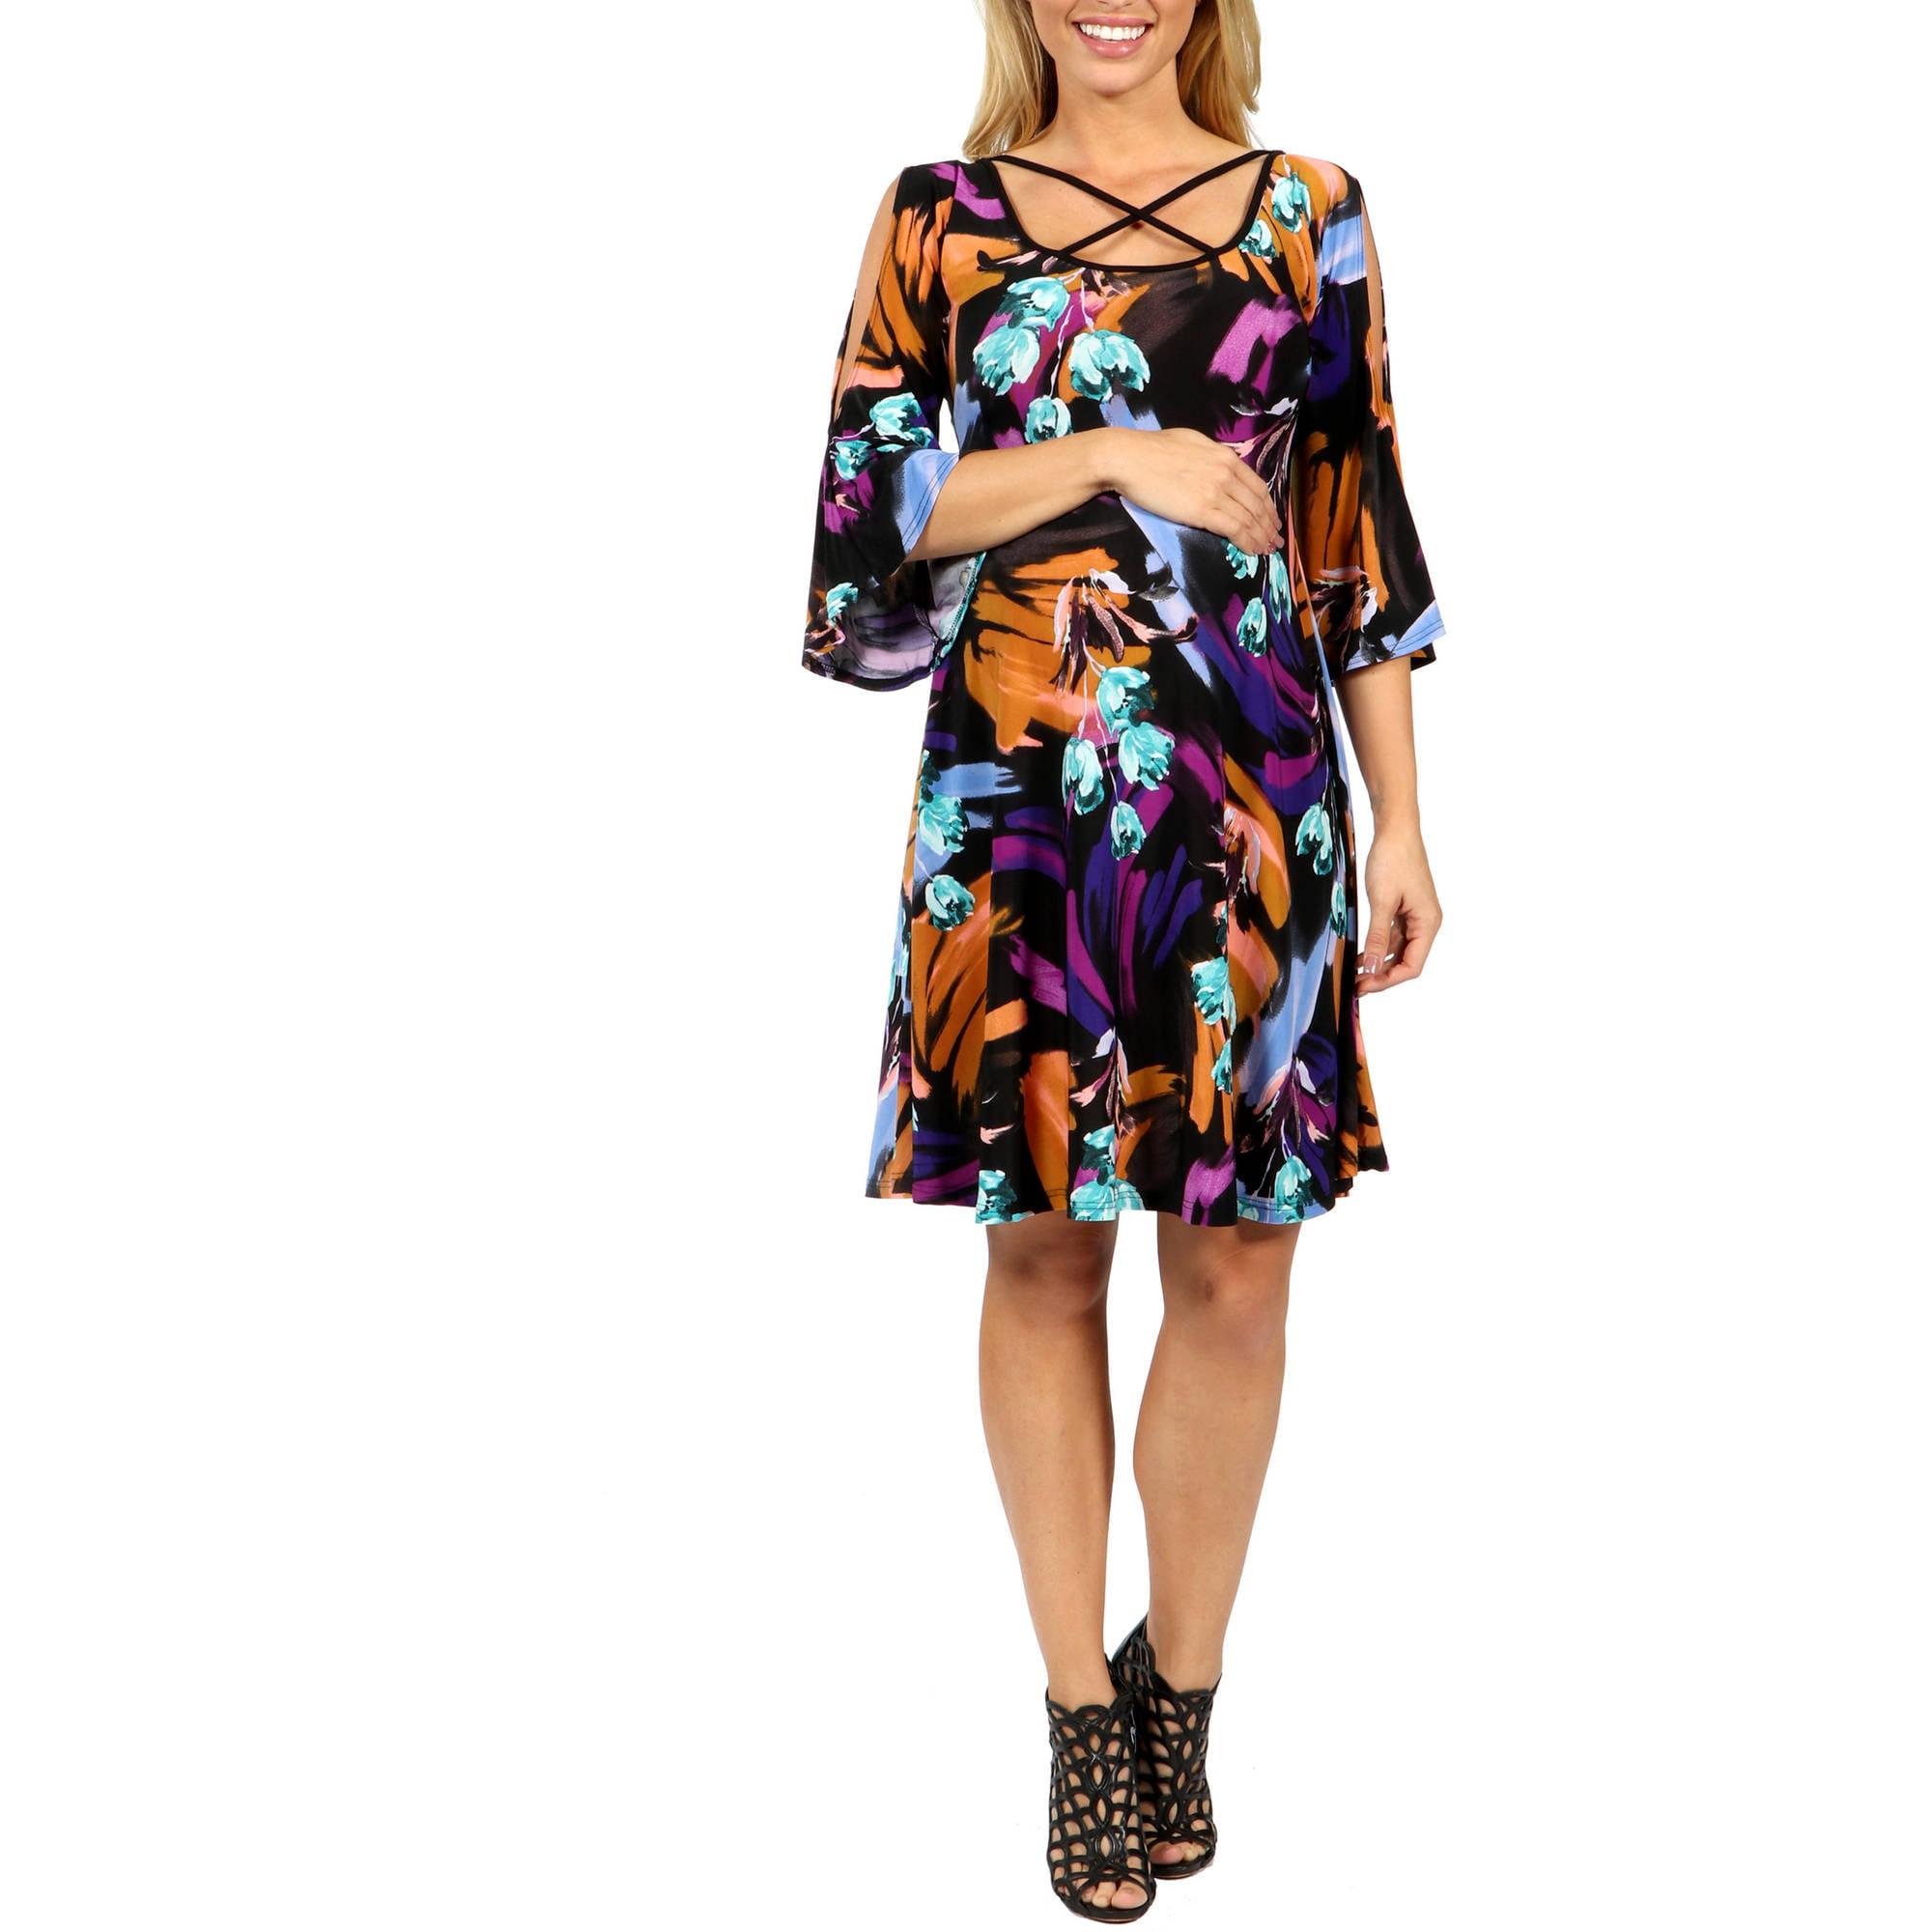 24/7 Comfort Apparel Wonderful Watercolors Criss Cross Maternity Dress